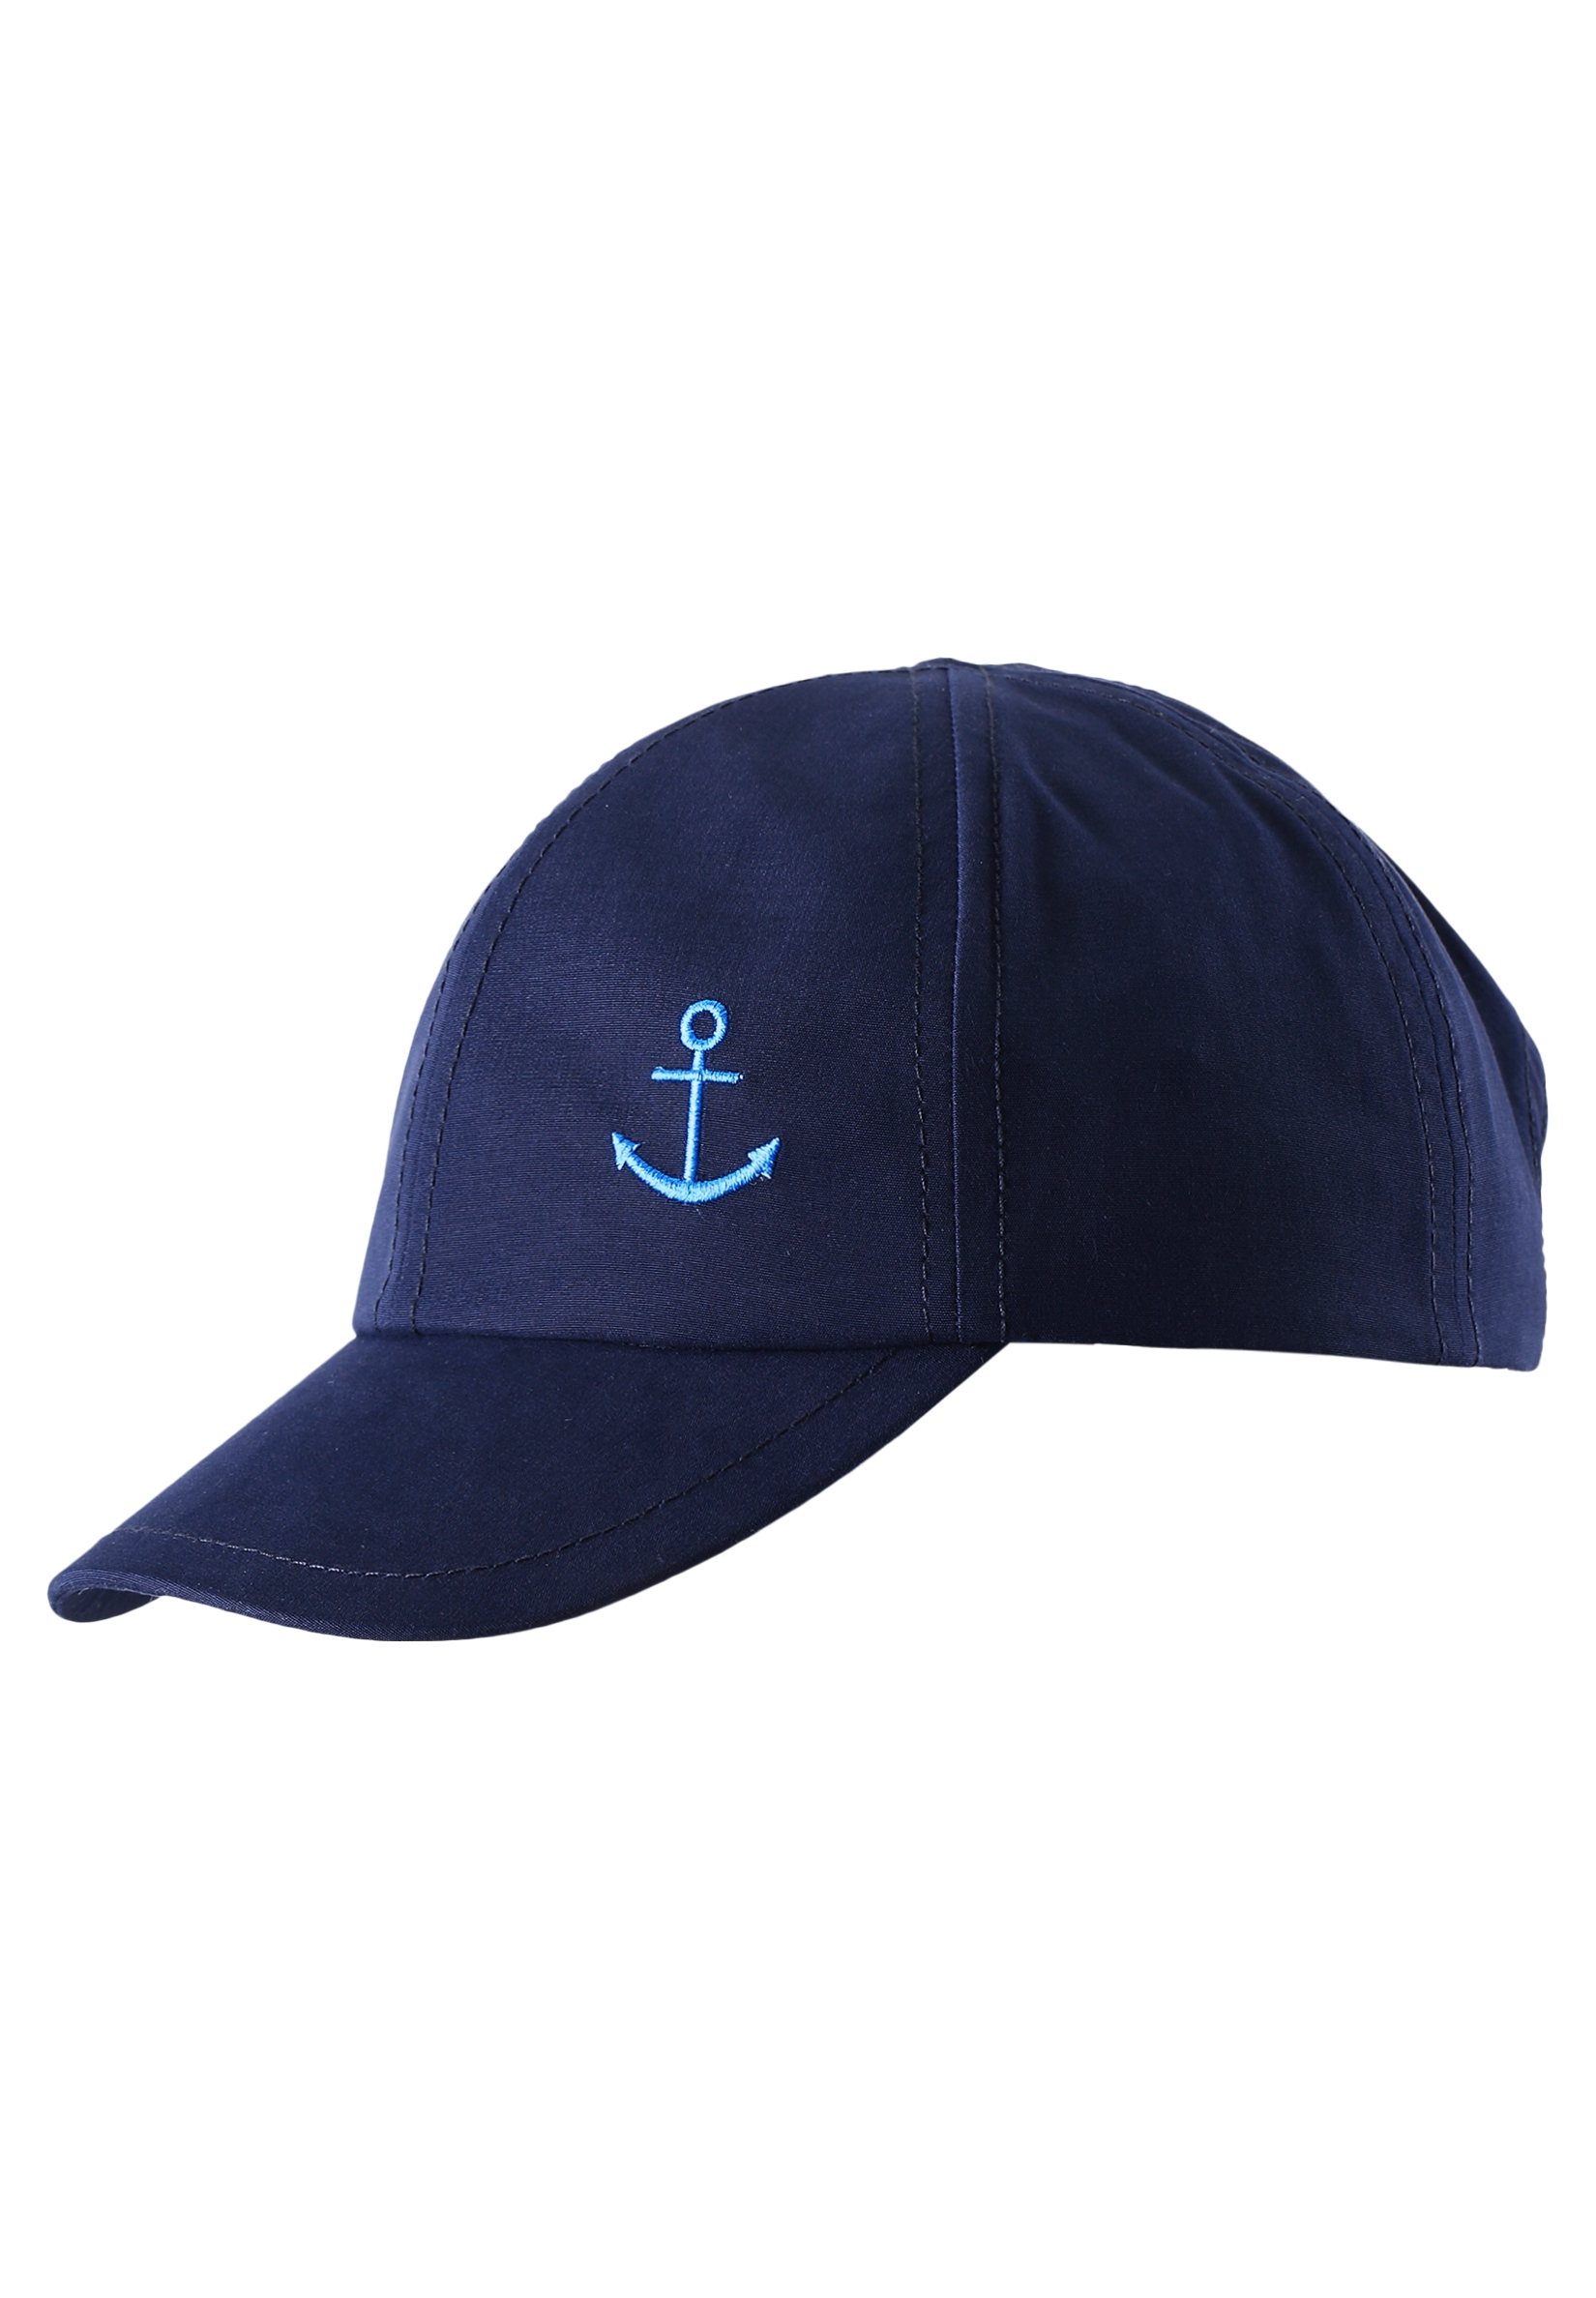 Головные уборы Lassie Шапка для мальчика Cap dark navy, синяя chaos шапка reverse 026 navy